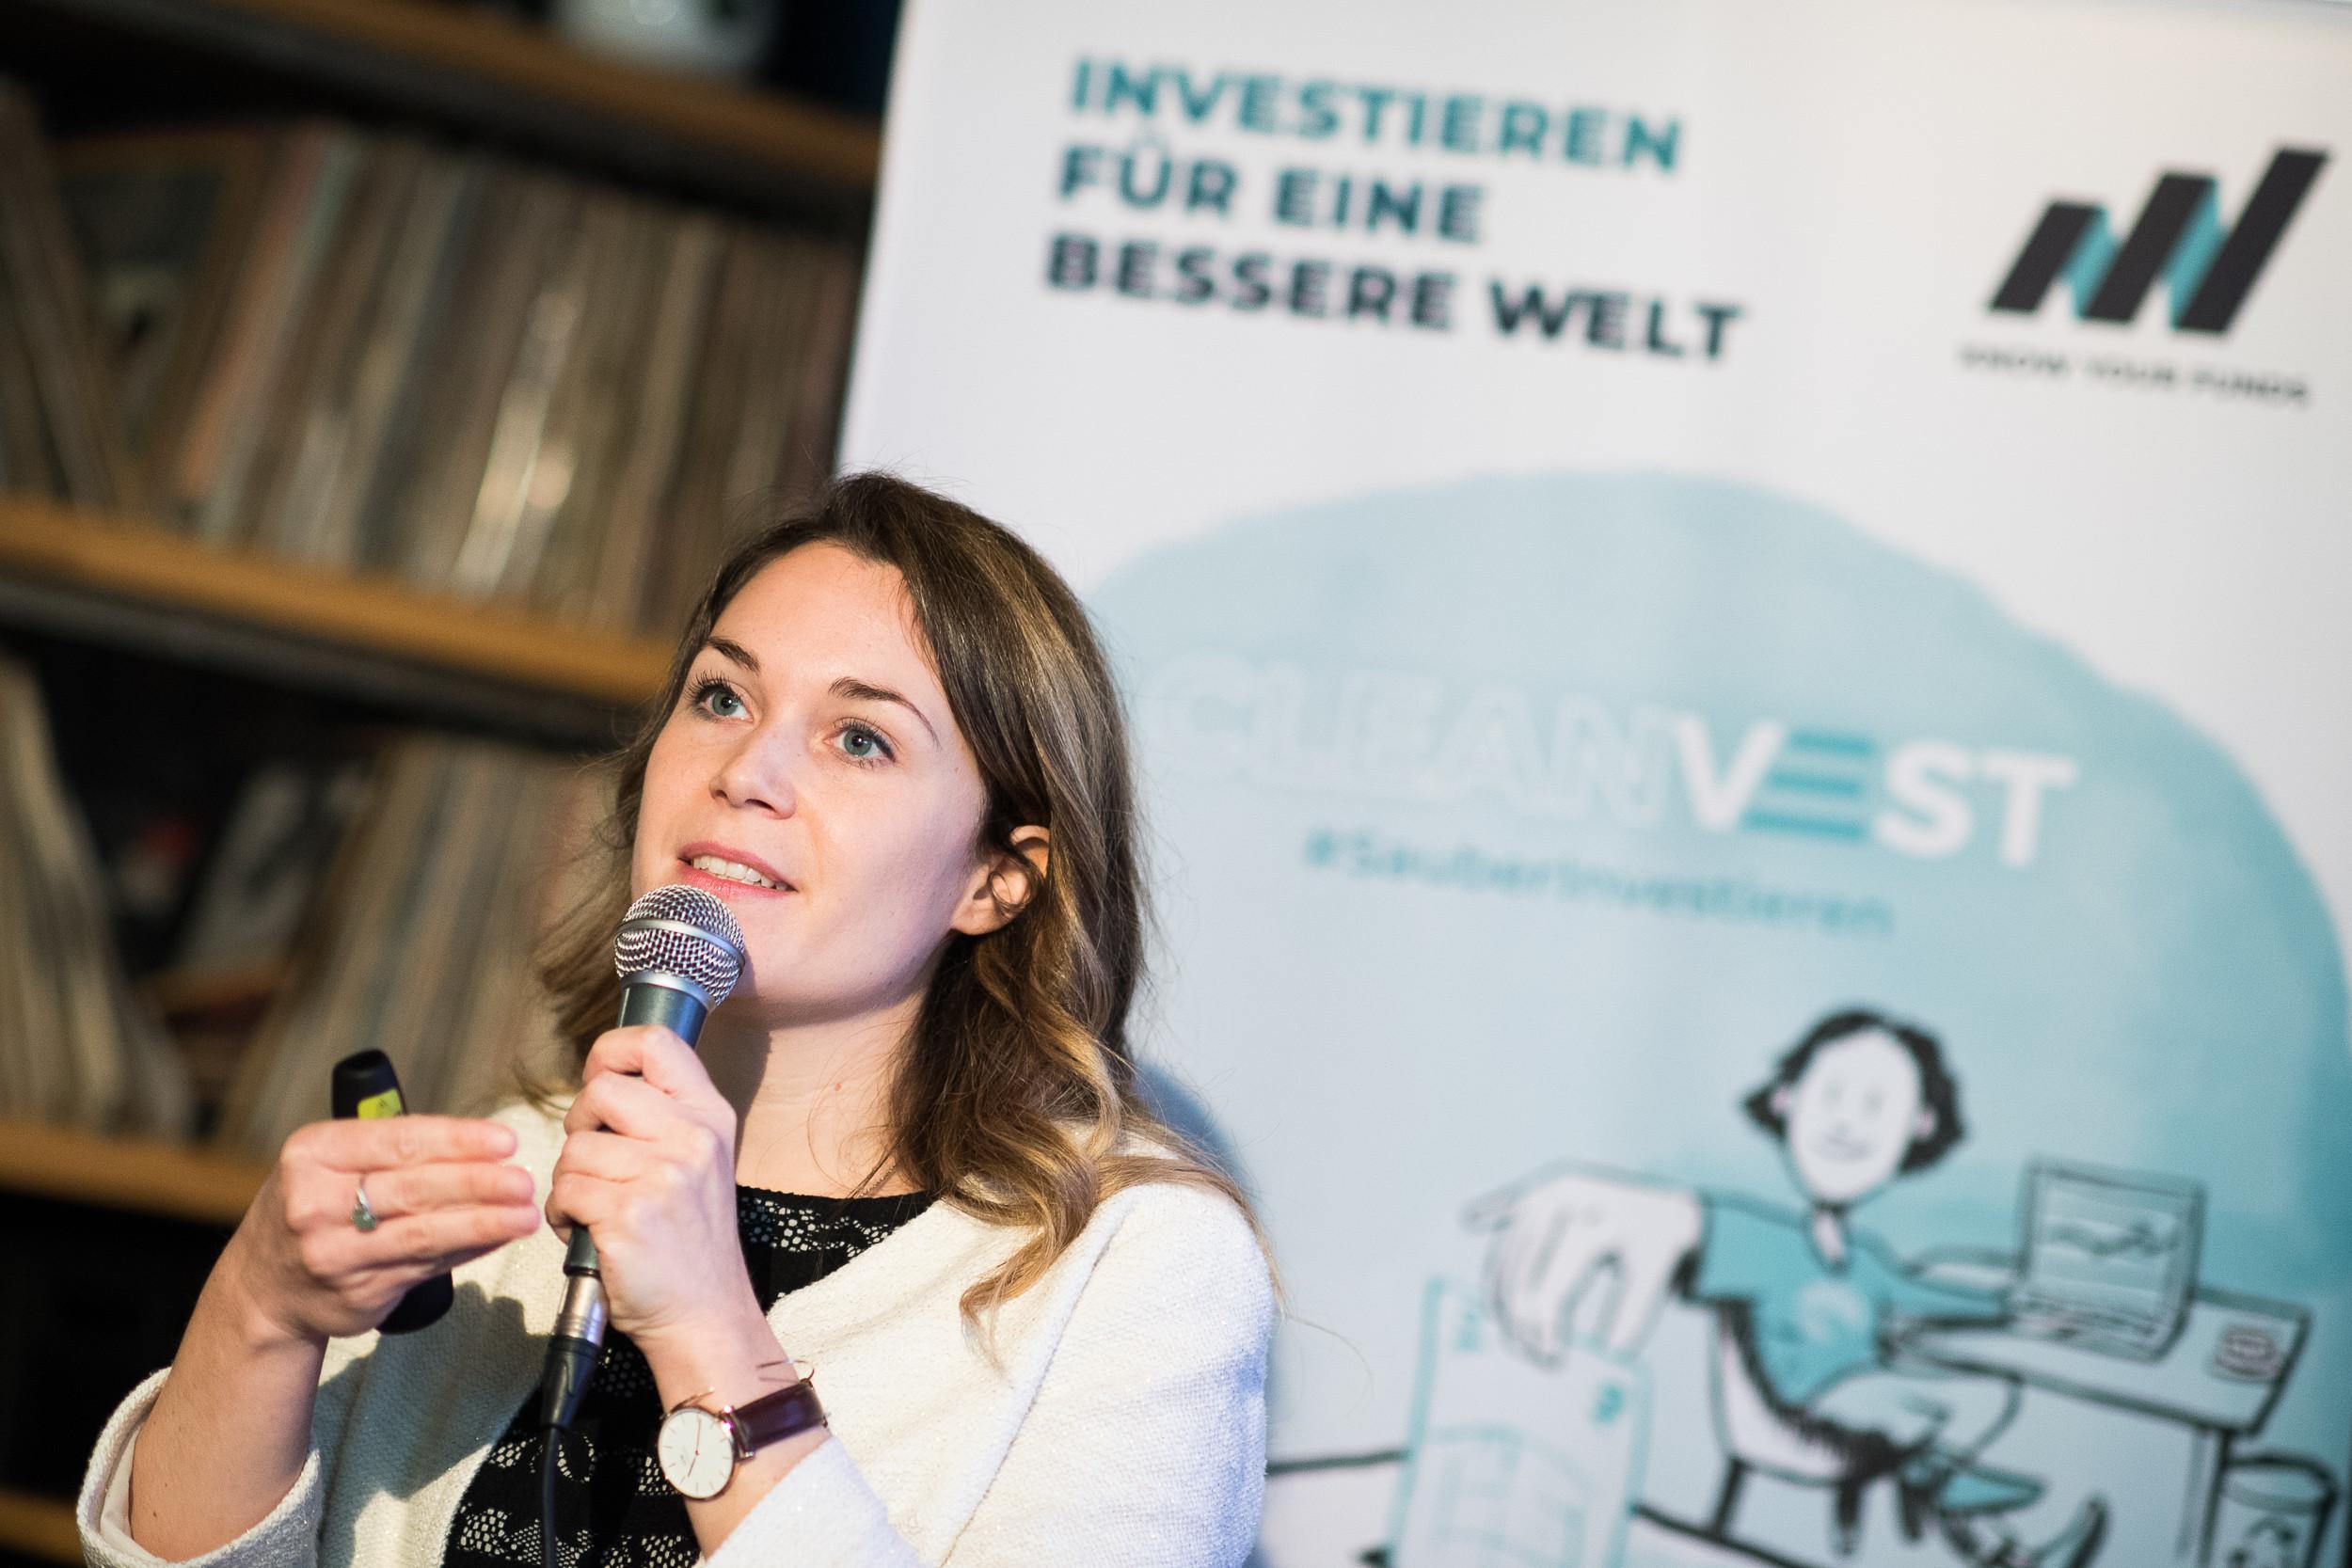 Cleanvest COO Elisabeth Müller